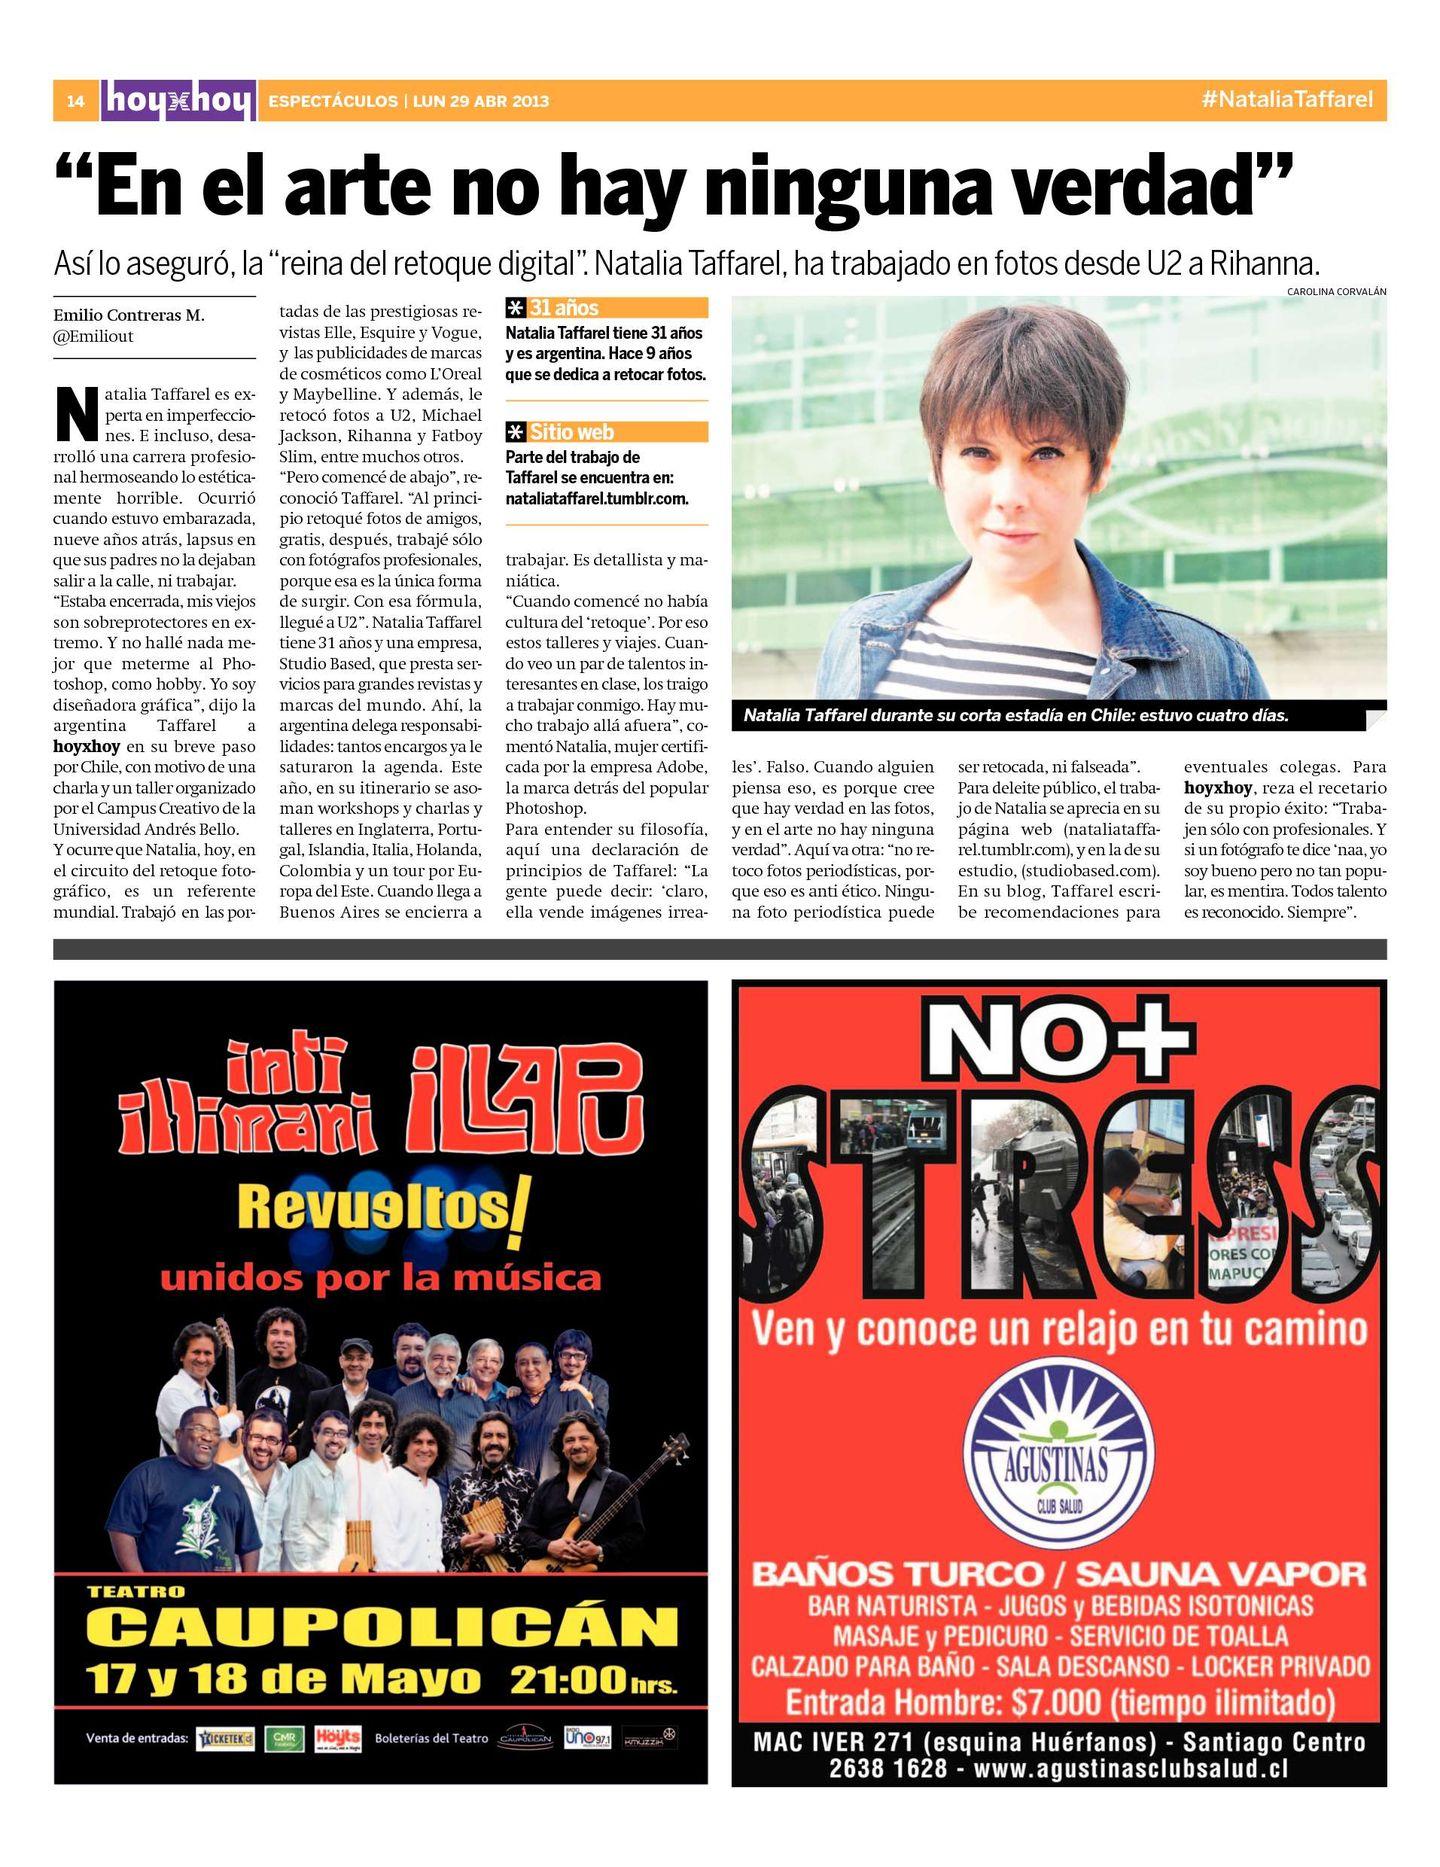 66777795e Página 14   hoyxhoy.cl - HoyxHoy, el diario que no tiene precio - Santiago,  Chile - 29.04.2013